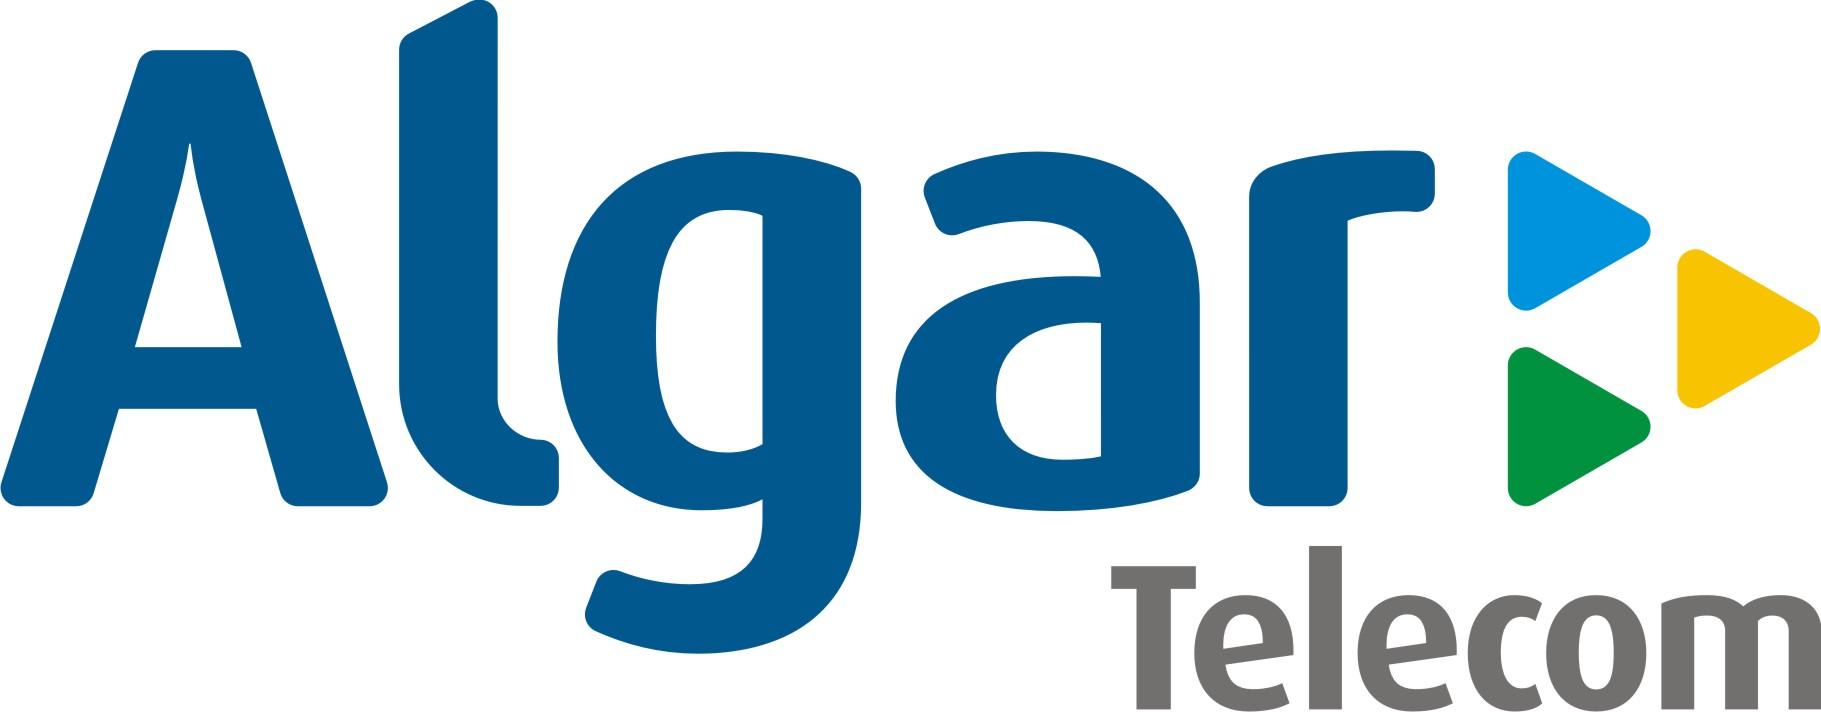 Algar Telecom Logo photo - 1